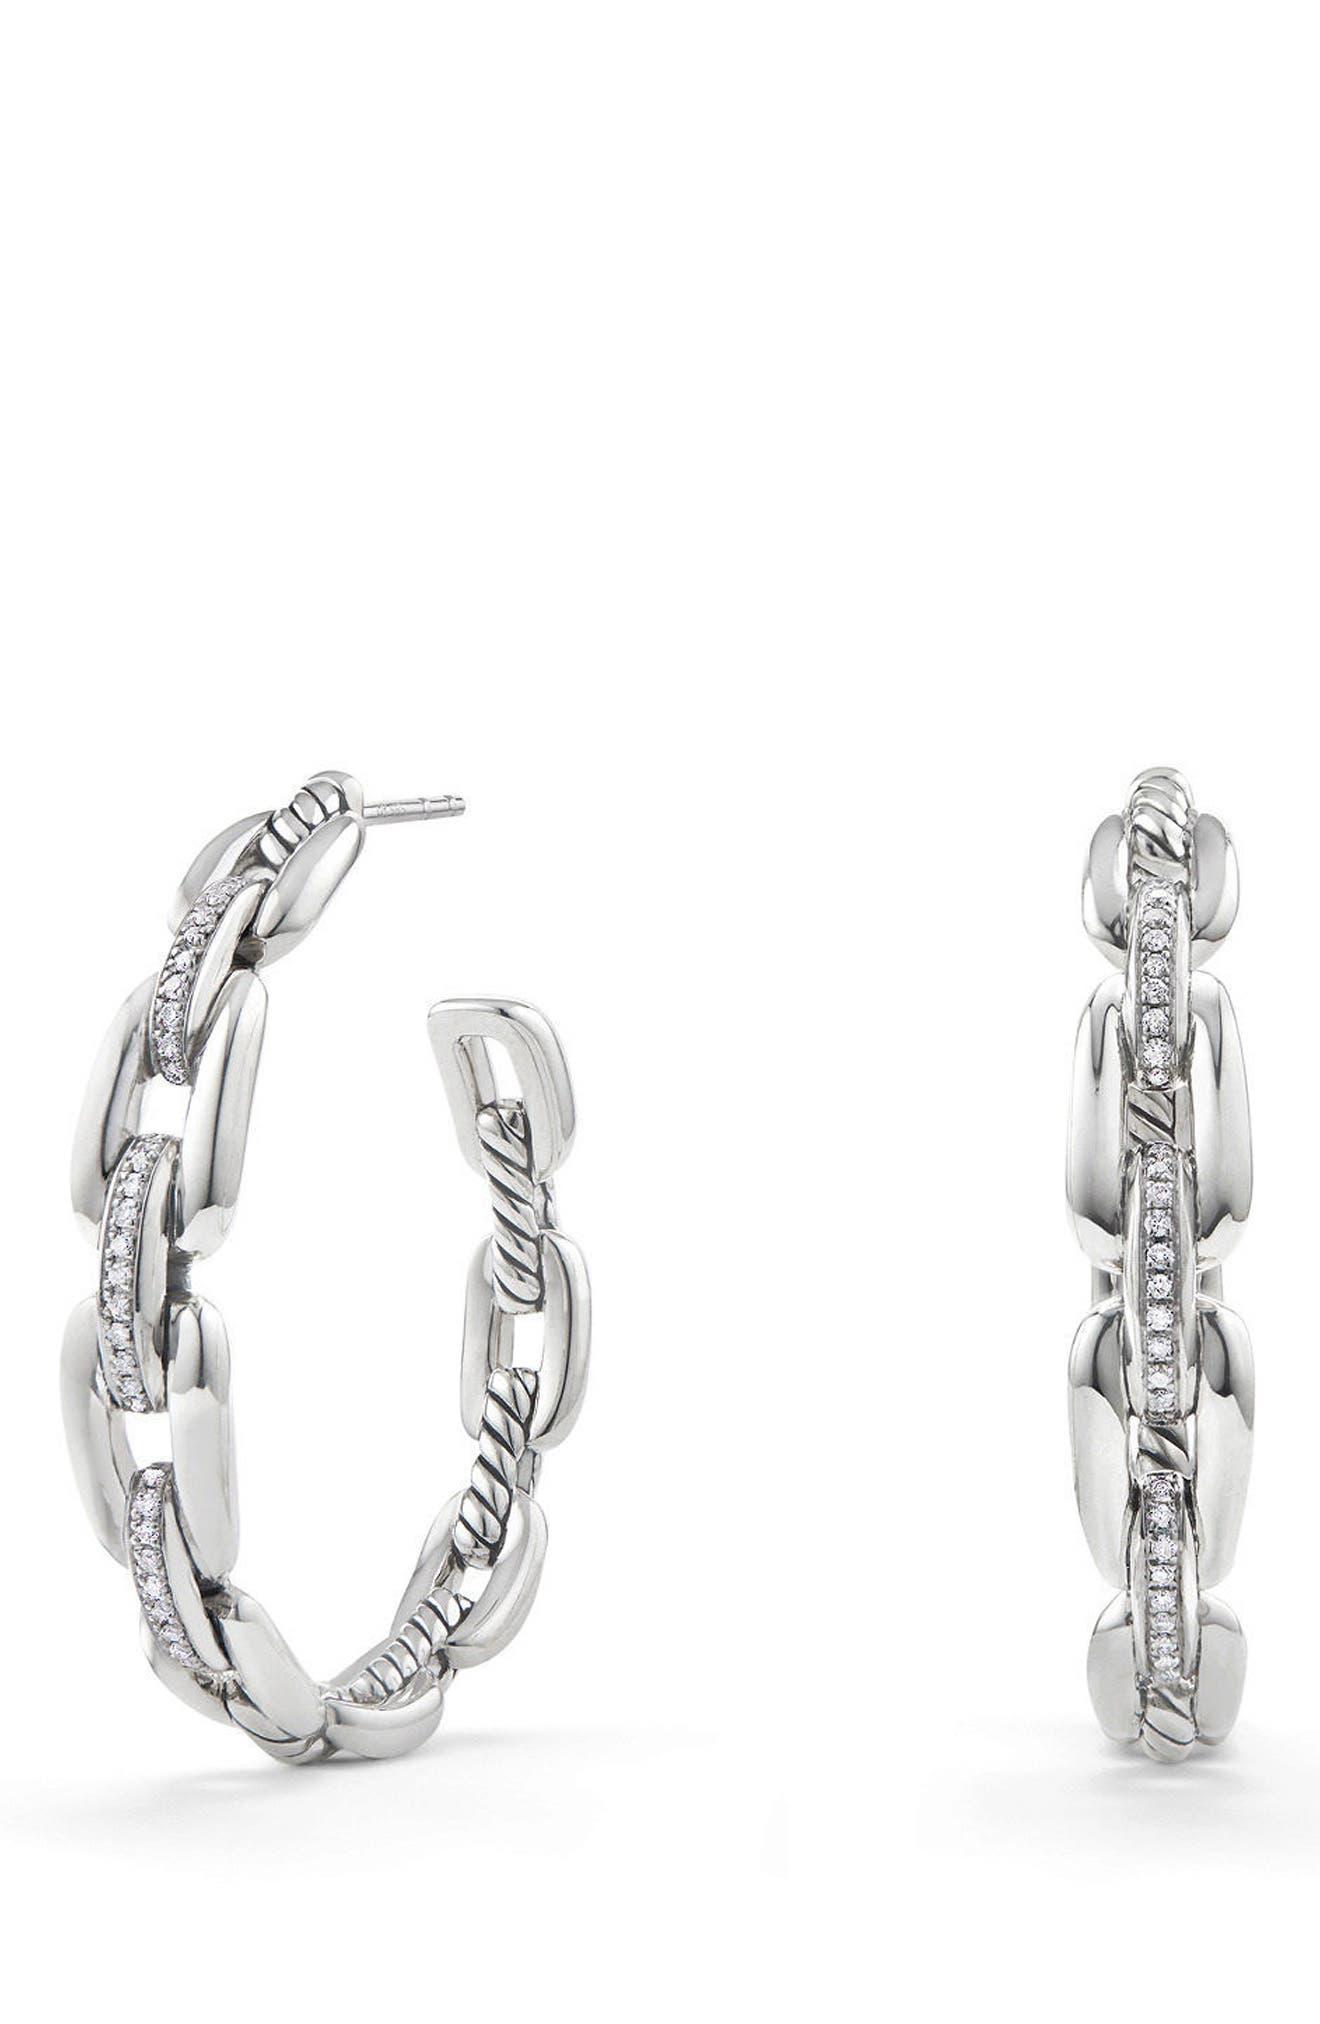 Wellesley 23mm Hoop Earrings with Diamonds,                         Main,                         color, SILVER